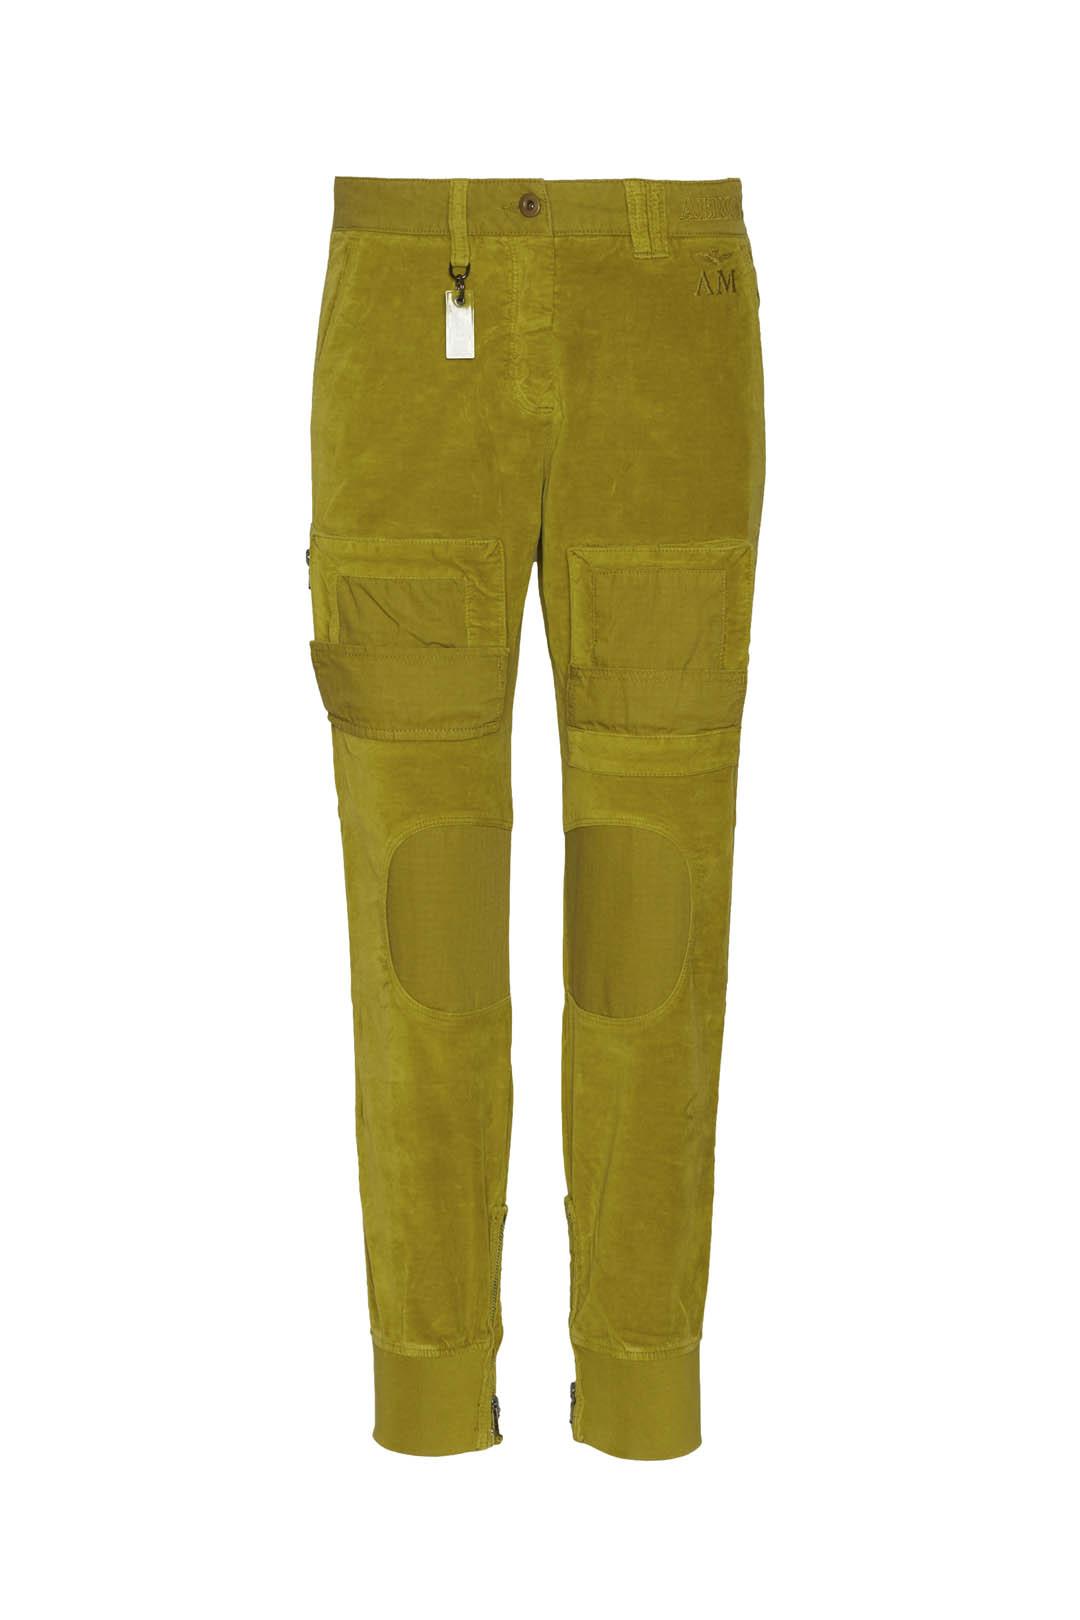 Pantalon Anti-G en velours et ripstop    1